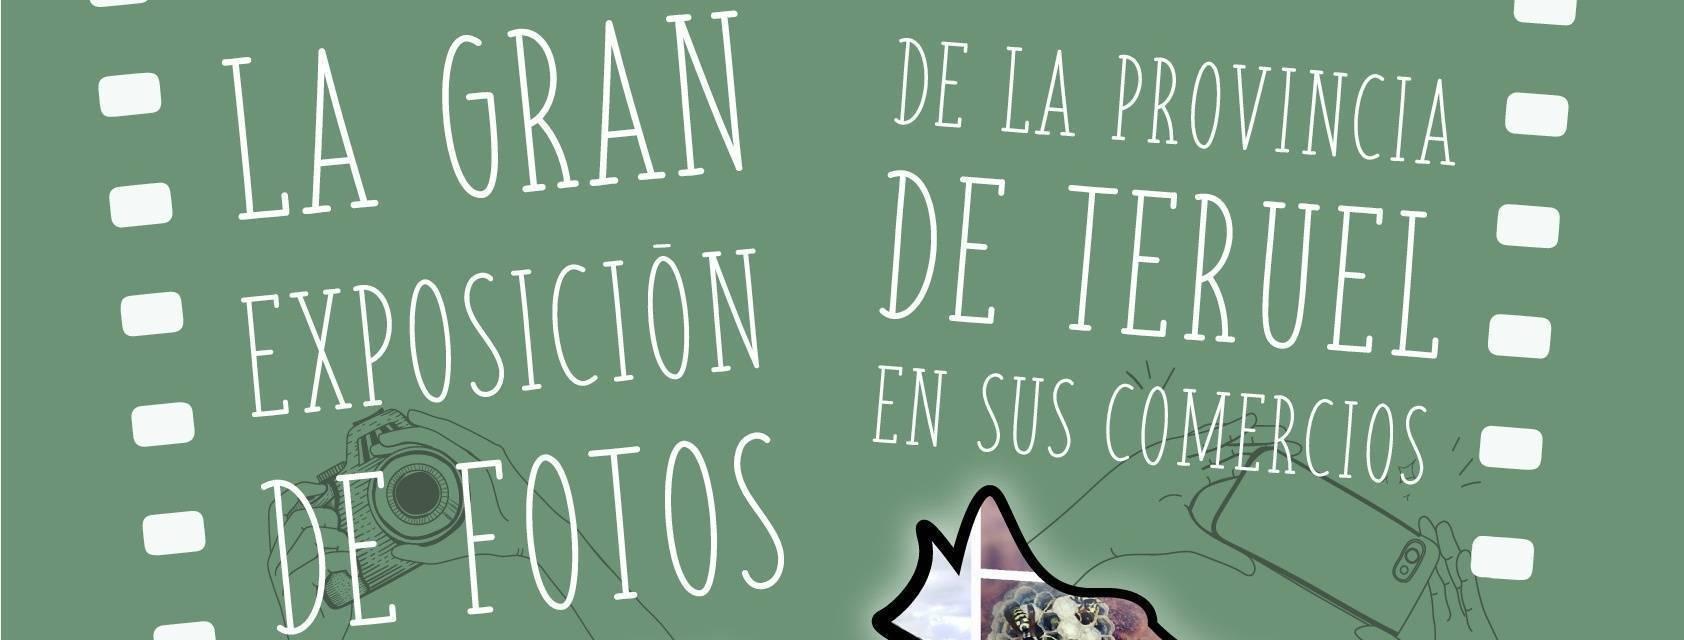 La gran Exposición de fotos de la provincia de Teruel en sus comercios